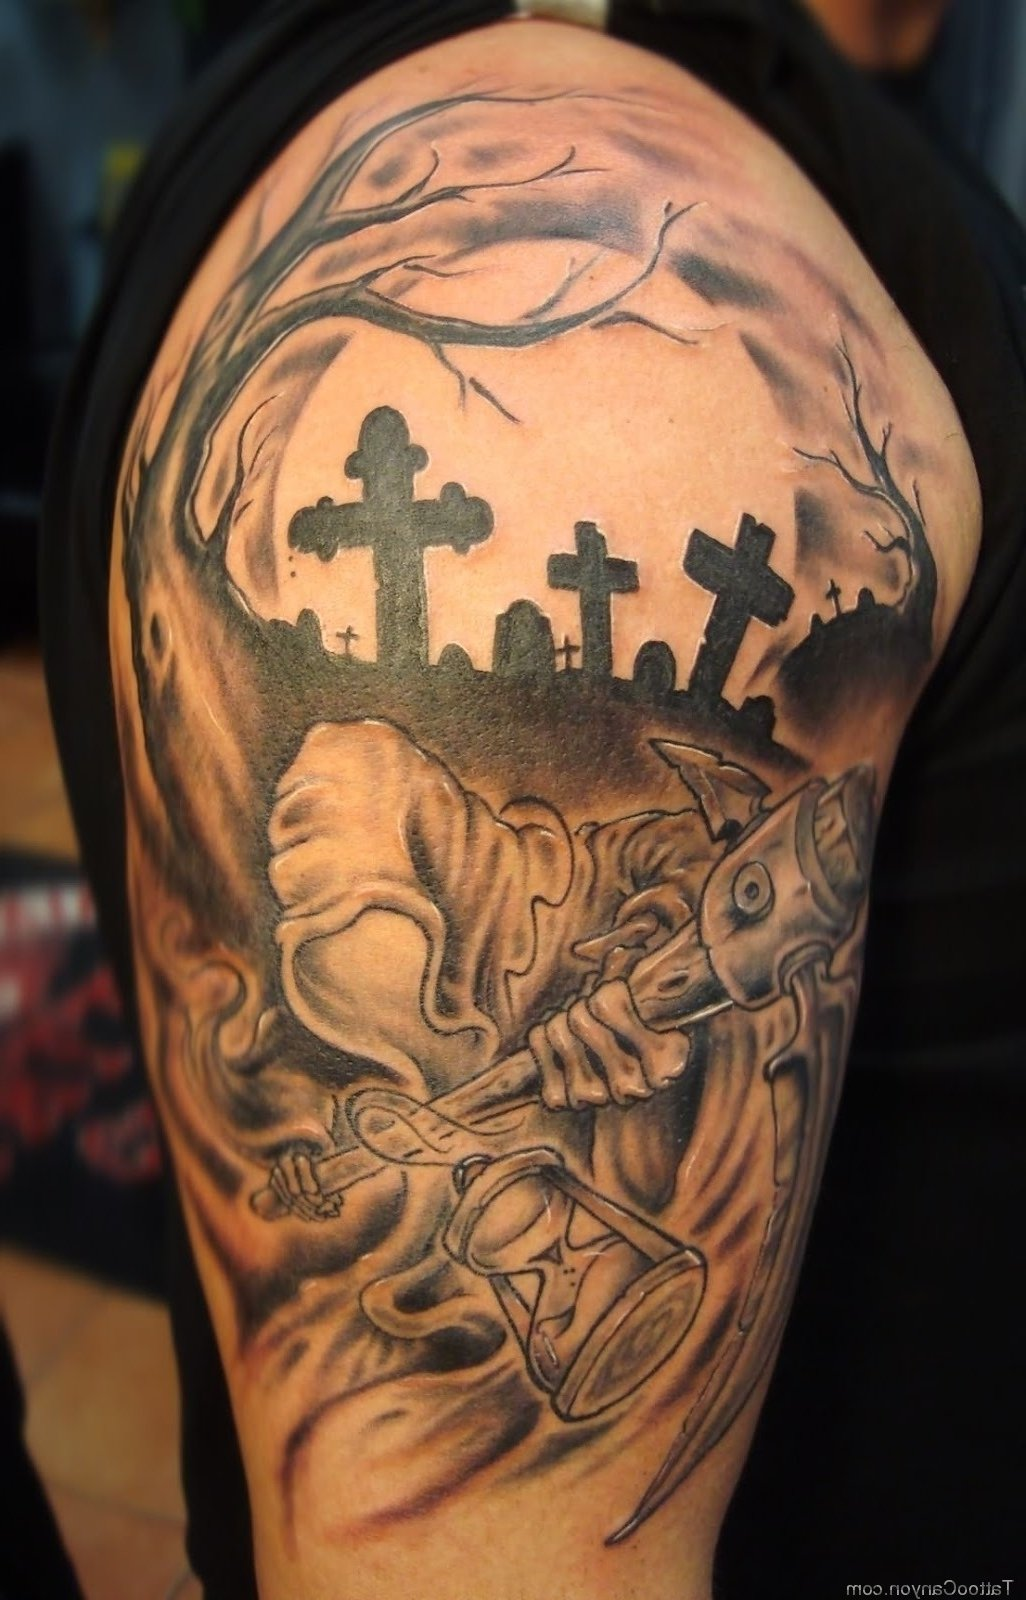 10 Perfect Unique Tattoo Ideas For Men unique tattoo ideas men best tattoo design 2020